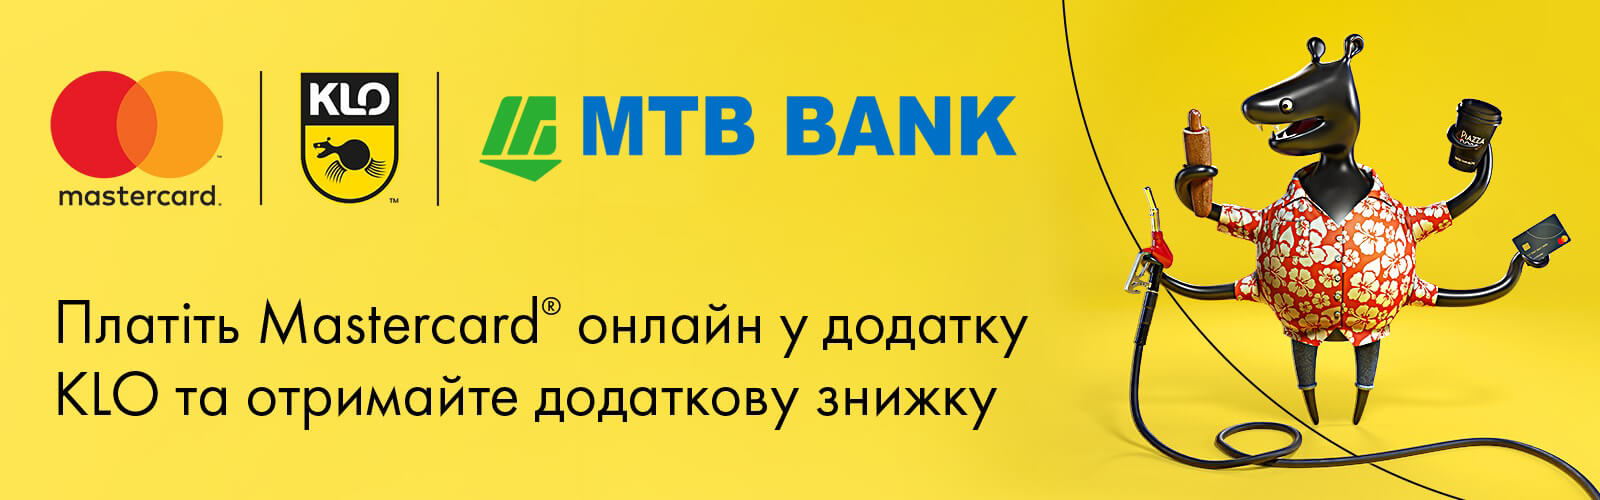 Скидка на горючее в сети АЗС KLO, при оплате картой Mastercard в мобильном приложении KLO - фото - mtb.ua